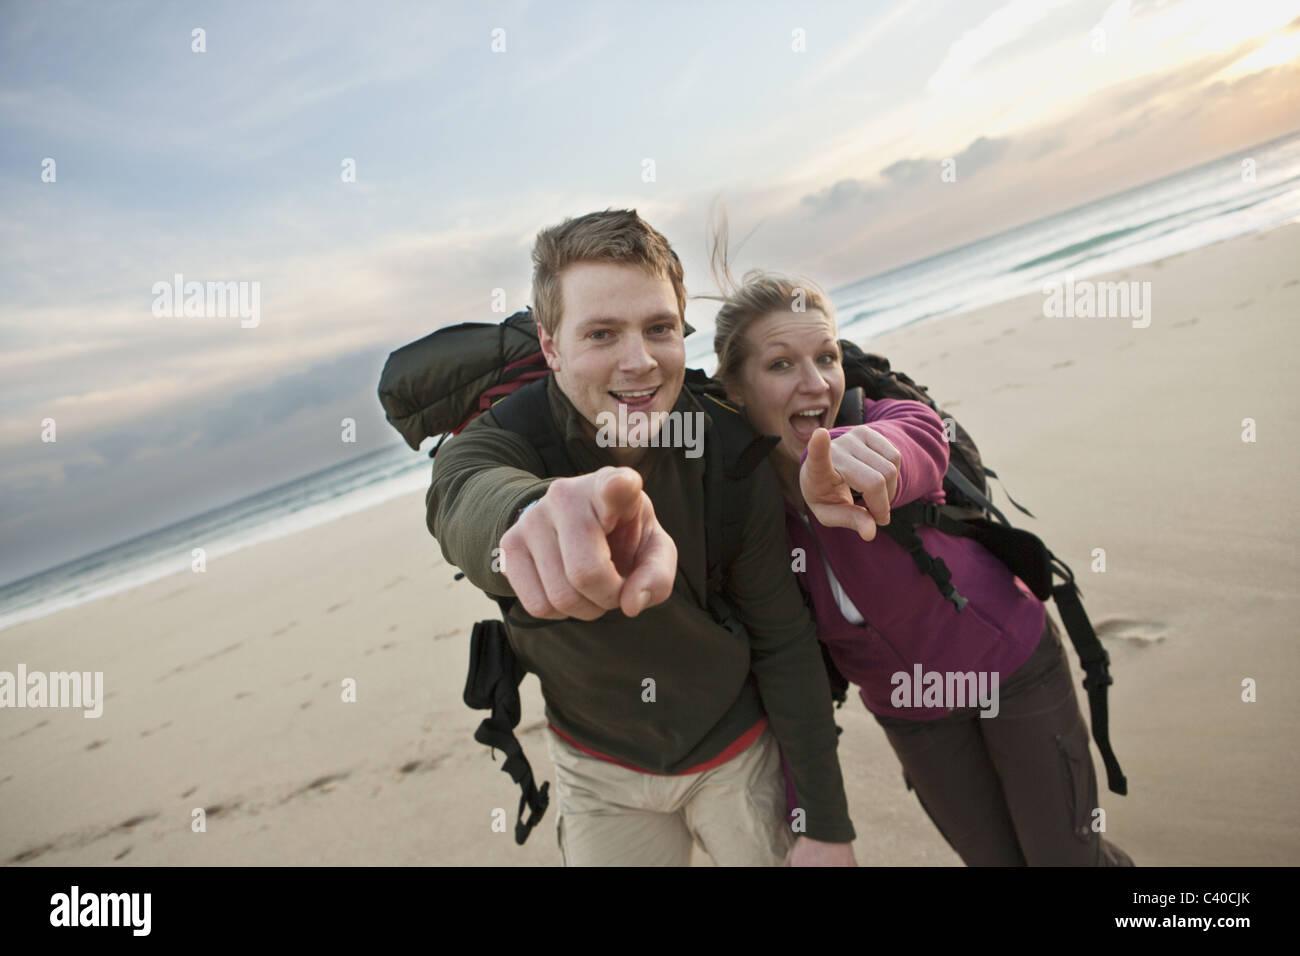 Backpacking giovane puntando alla fotocamera Immagini Stock